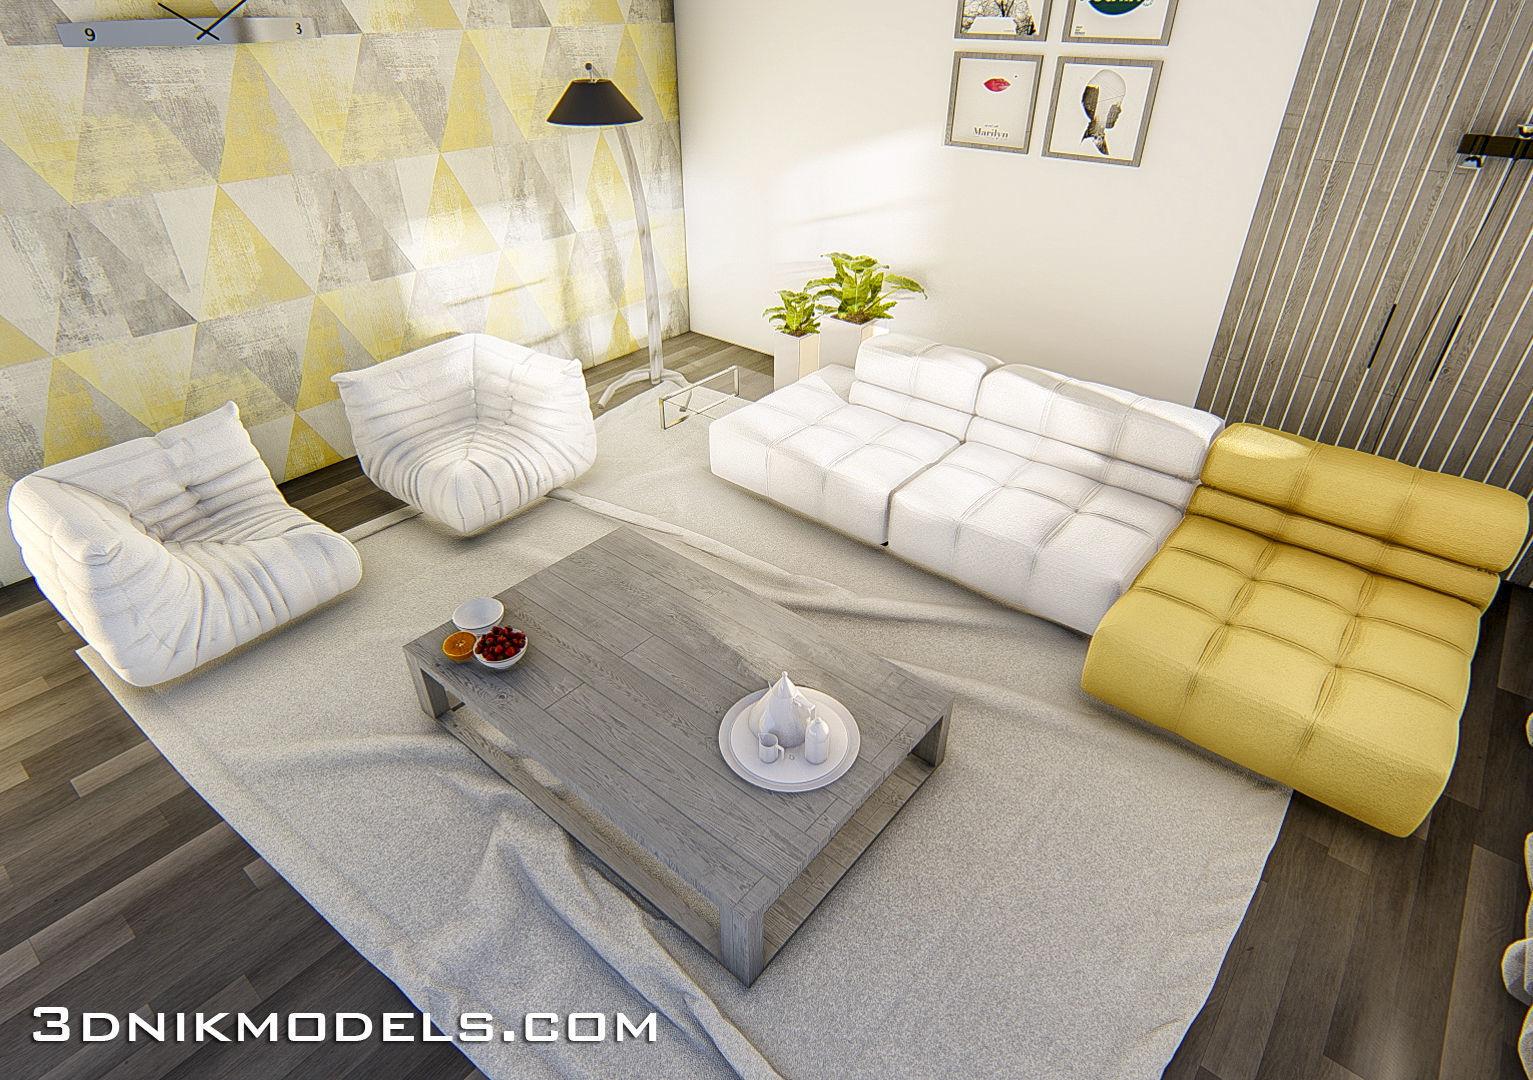 3dnikmodels Sofa Set 2 3d Model